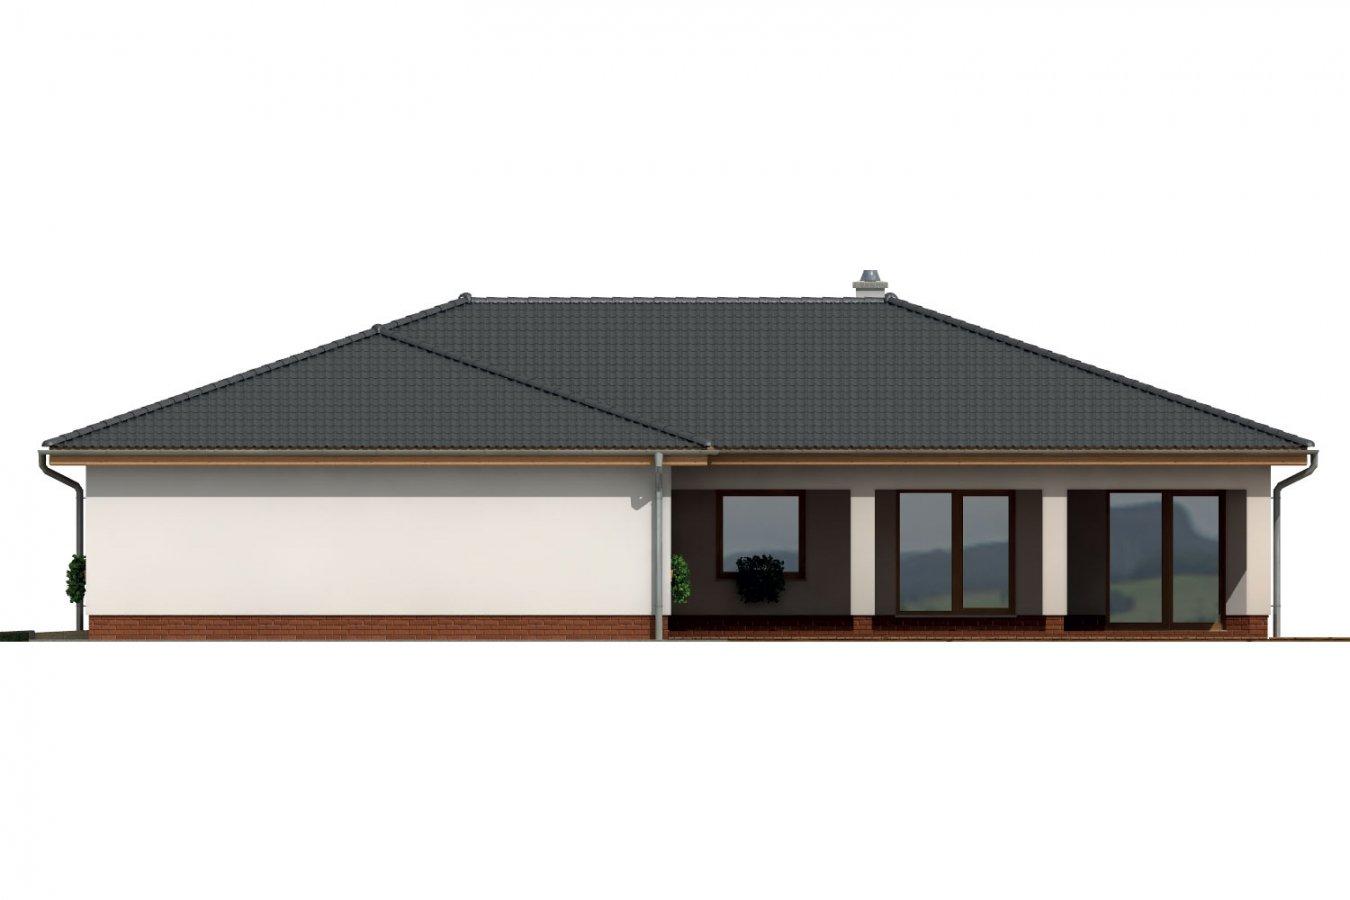 Pohľad 2. - Veľkopriestorový rodinný dom do L s dvojgarážou a krytou terasou